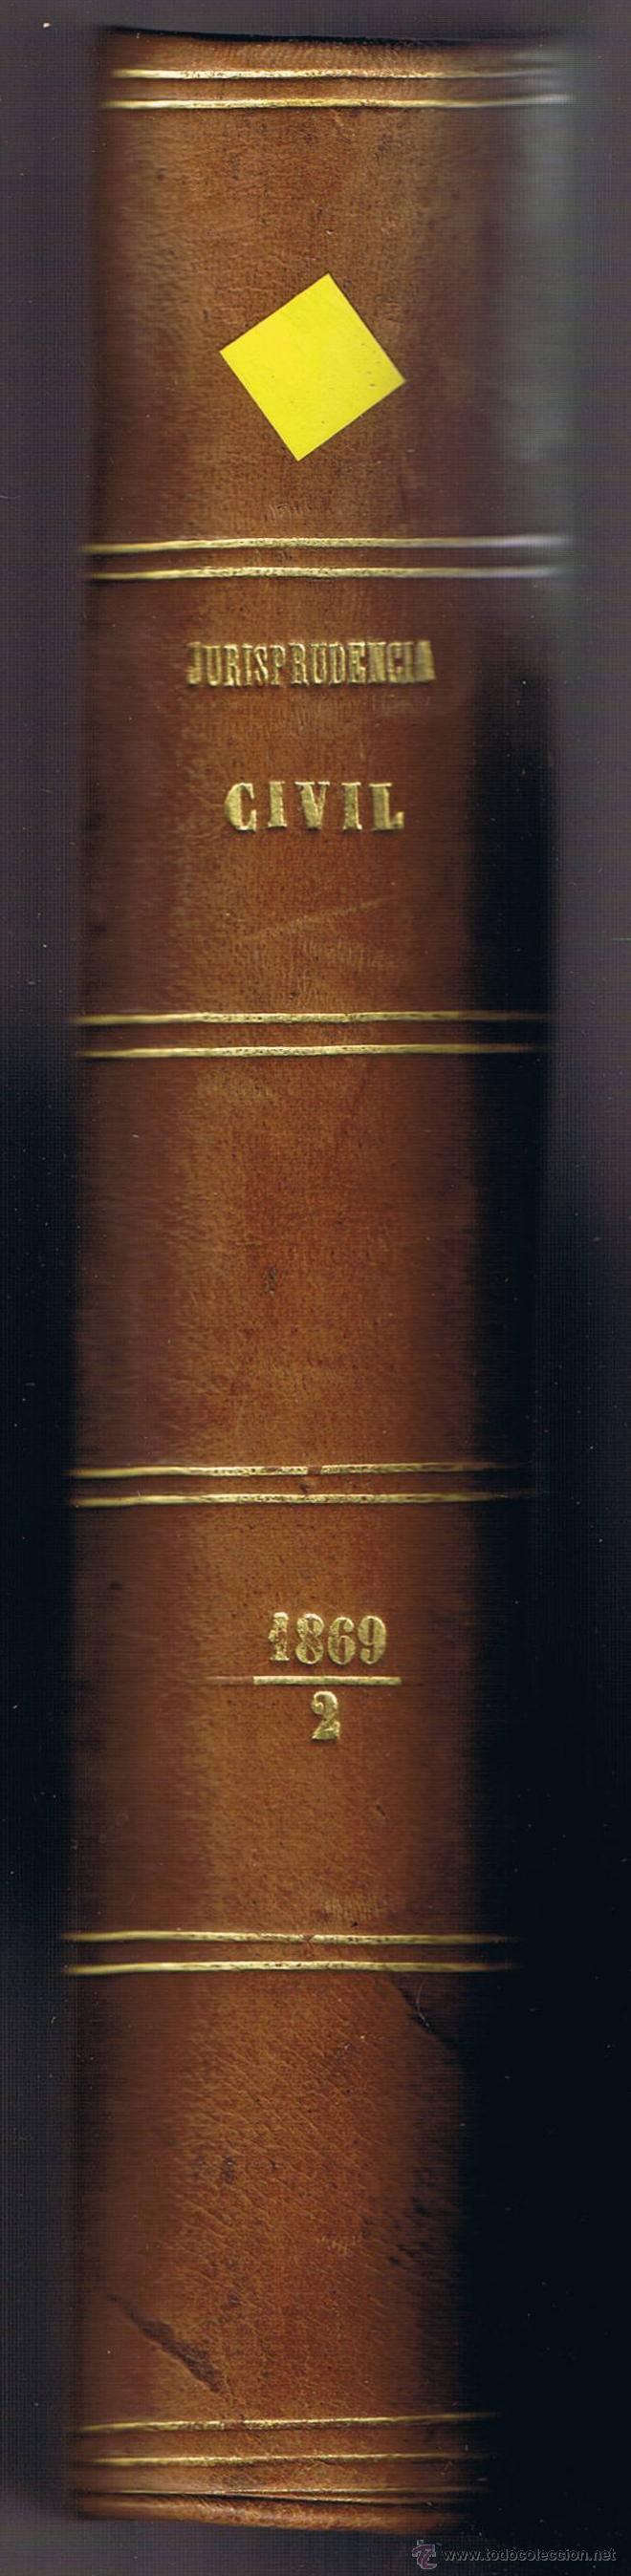 JURISPRUDENCIA CIVIL - 1869 - 2 - RECURSOS Y COMPETENCIAS - SENTENCIAS DICTADAS - (Libros Antiguos, Raros y Curiosos - Ciencias, Manuales y Oficios - Derecho, Economía y Comercio)